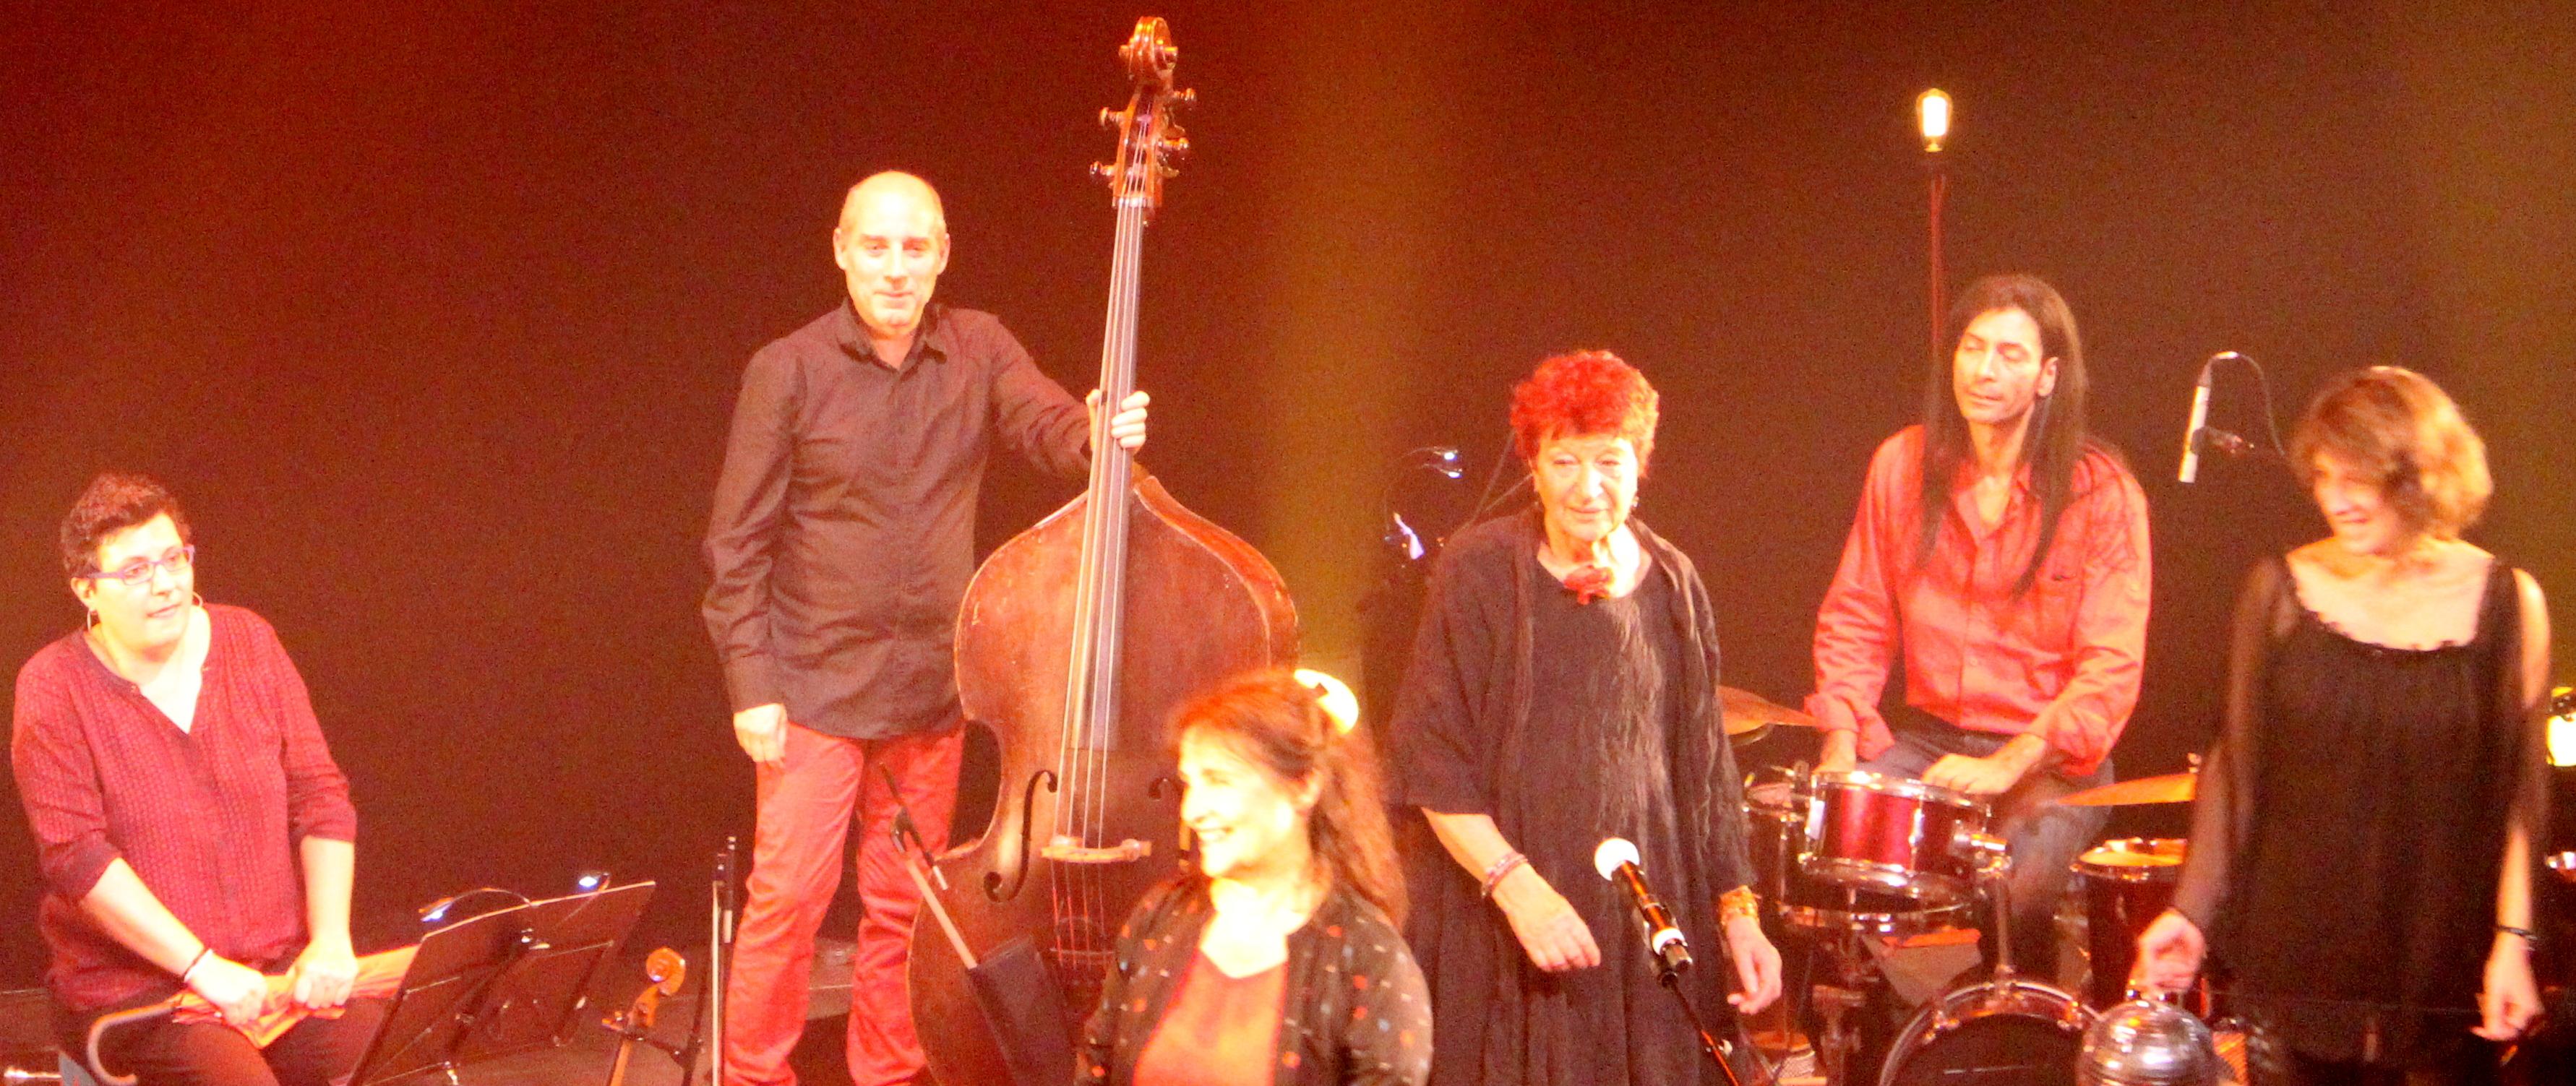 Sandrine de Rosa, Pascal Berne, Michèle Bernard, Anne Sylvestre, Pow Wow Man, Elsa Gelly avec boule à facettes (photo : Rozenn Douerin)